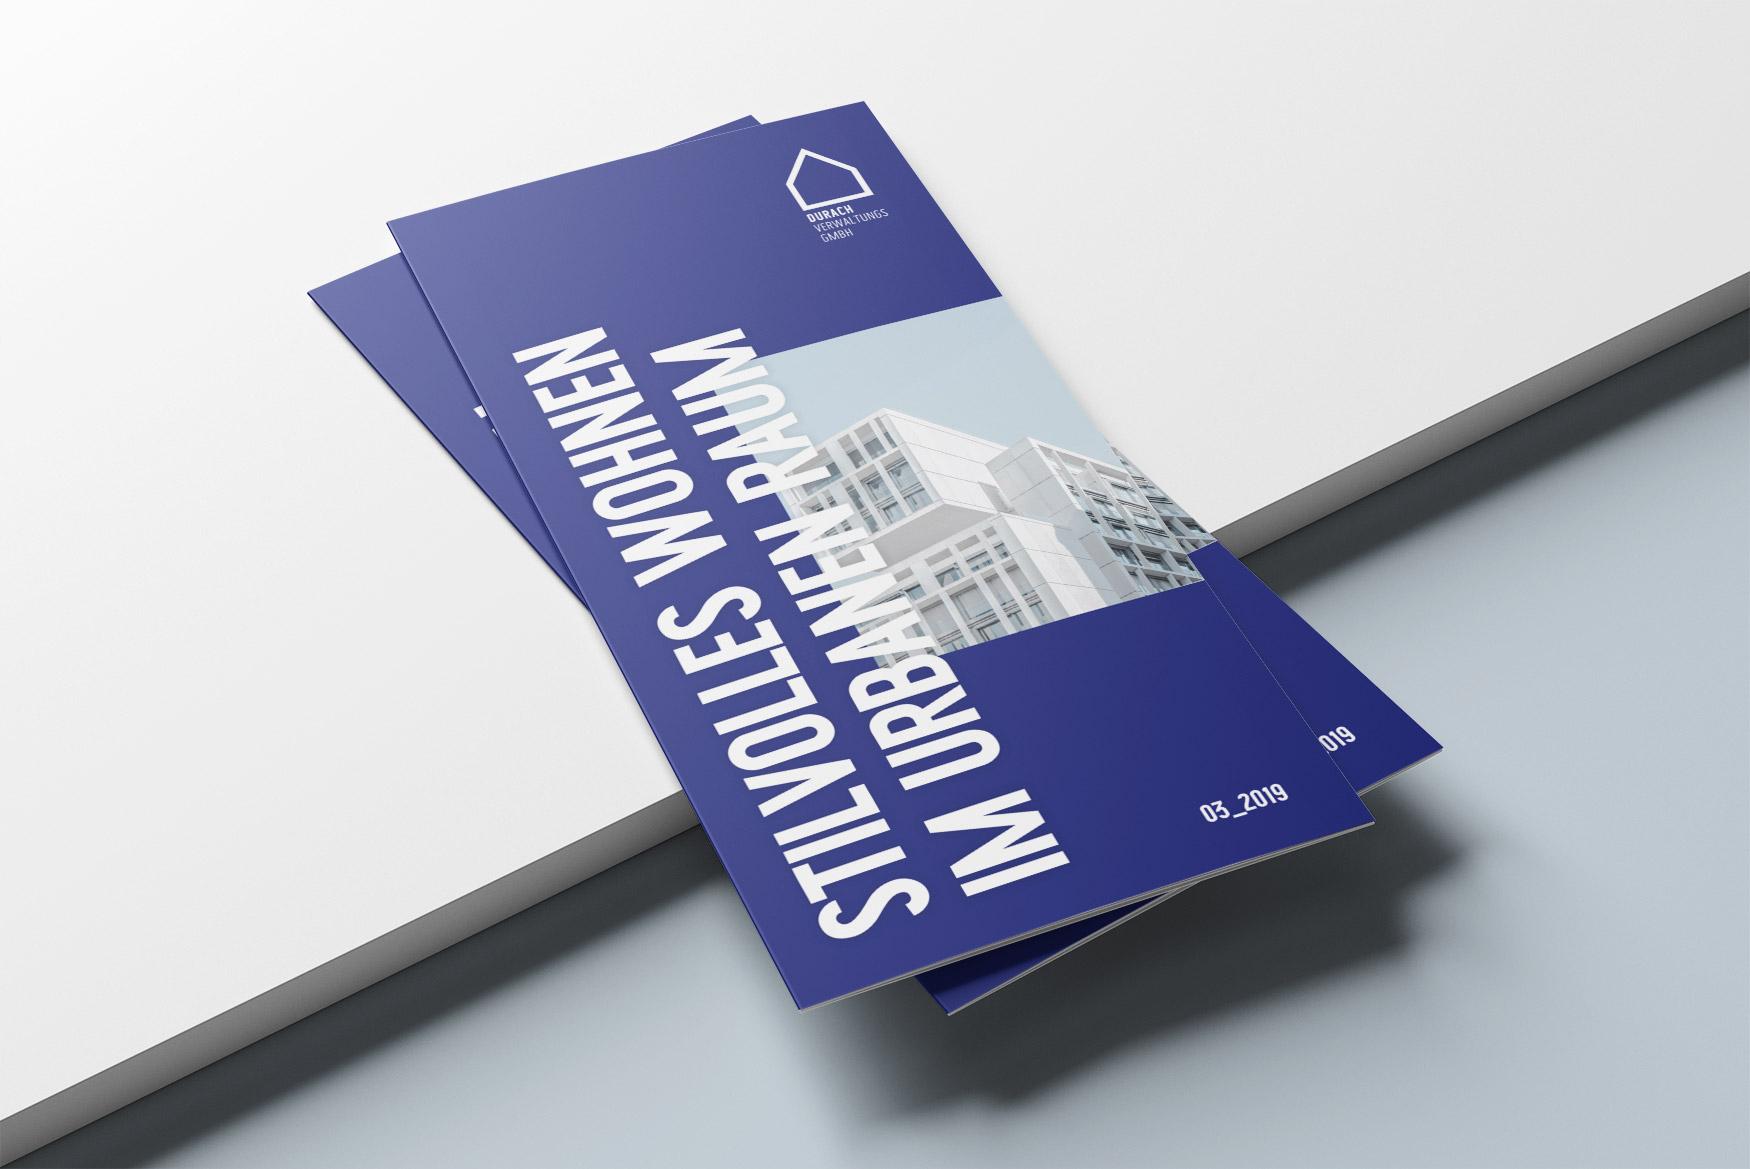 Flyer-Design-Immobilien-1-Designagentur-Stuttgart-Kreativbetrieb